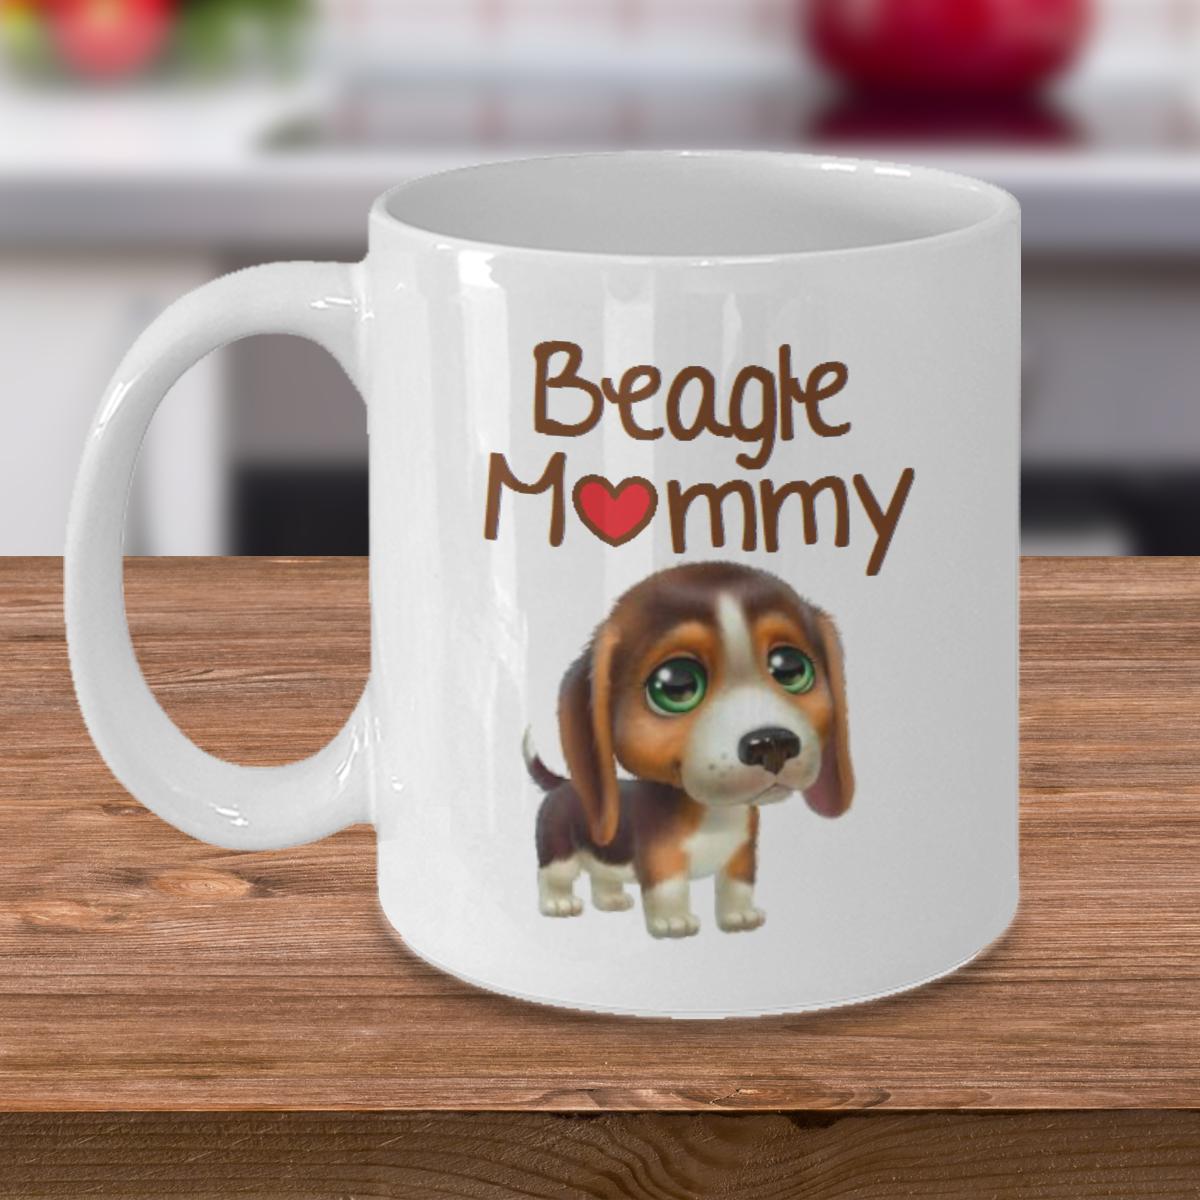 Beagle Mommy - Curse Mug - Coffee Cup Mug - Tea Mug - Ceramic Mug Gift - Coffee Lover - Gift for Crafty Friend